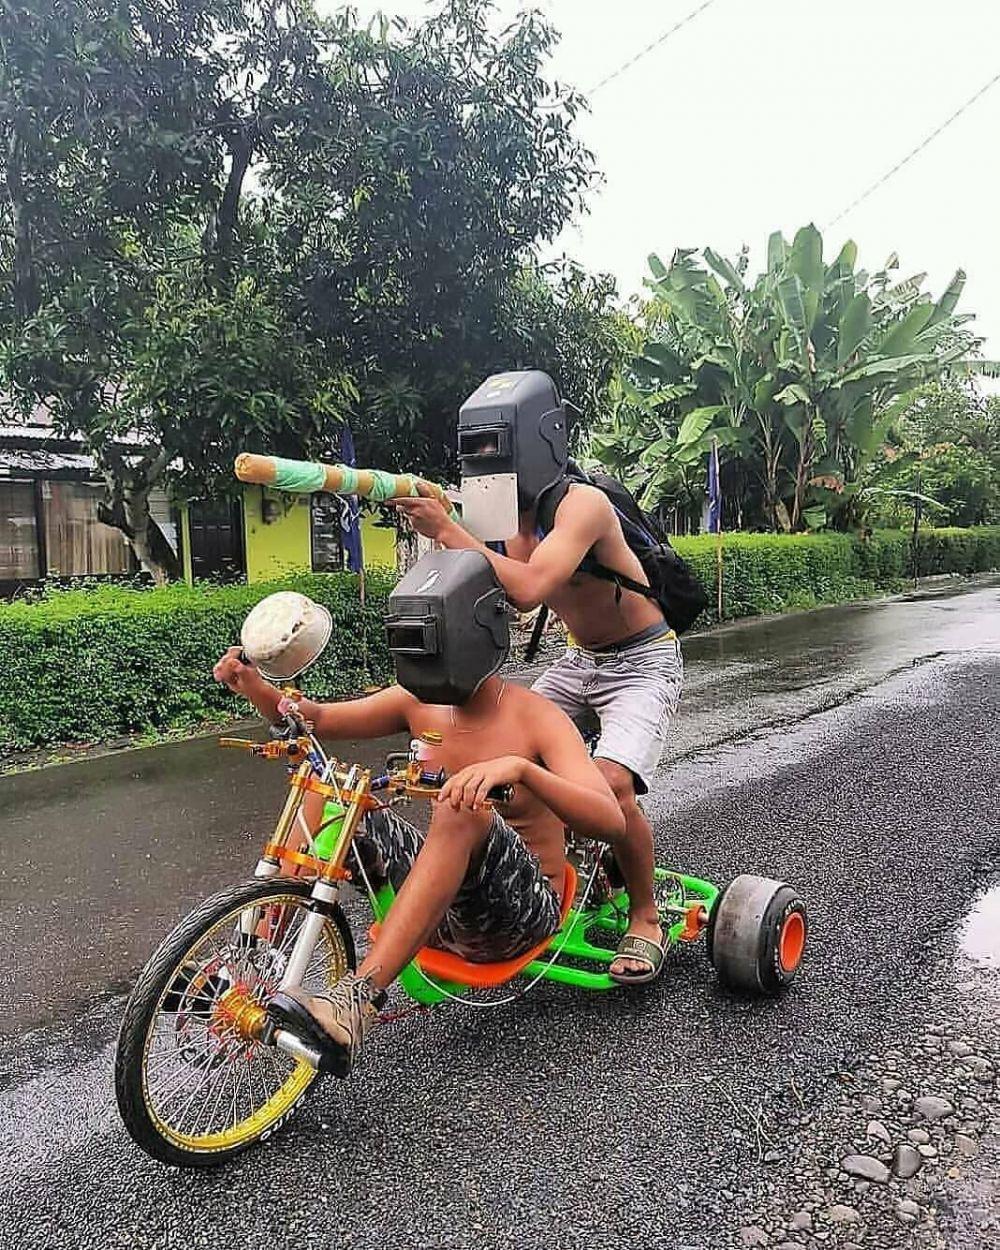 liburan orang indonesia © 2019 berbagai sumber